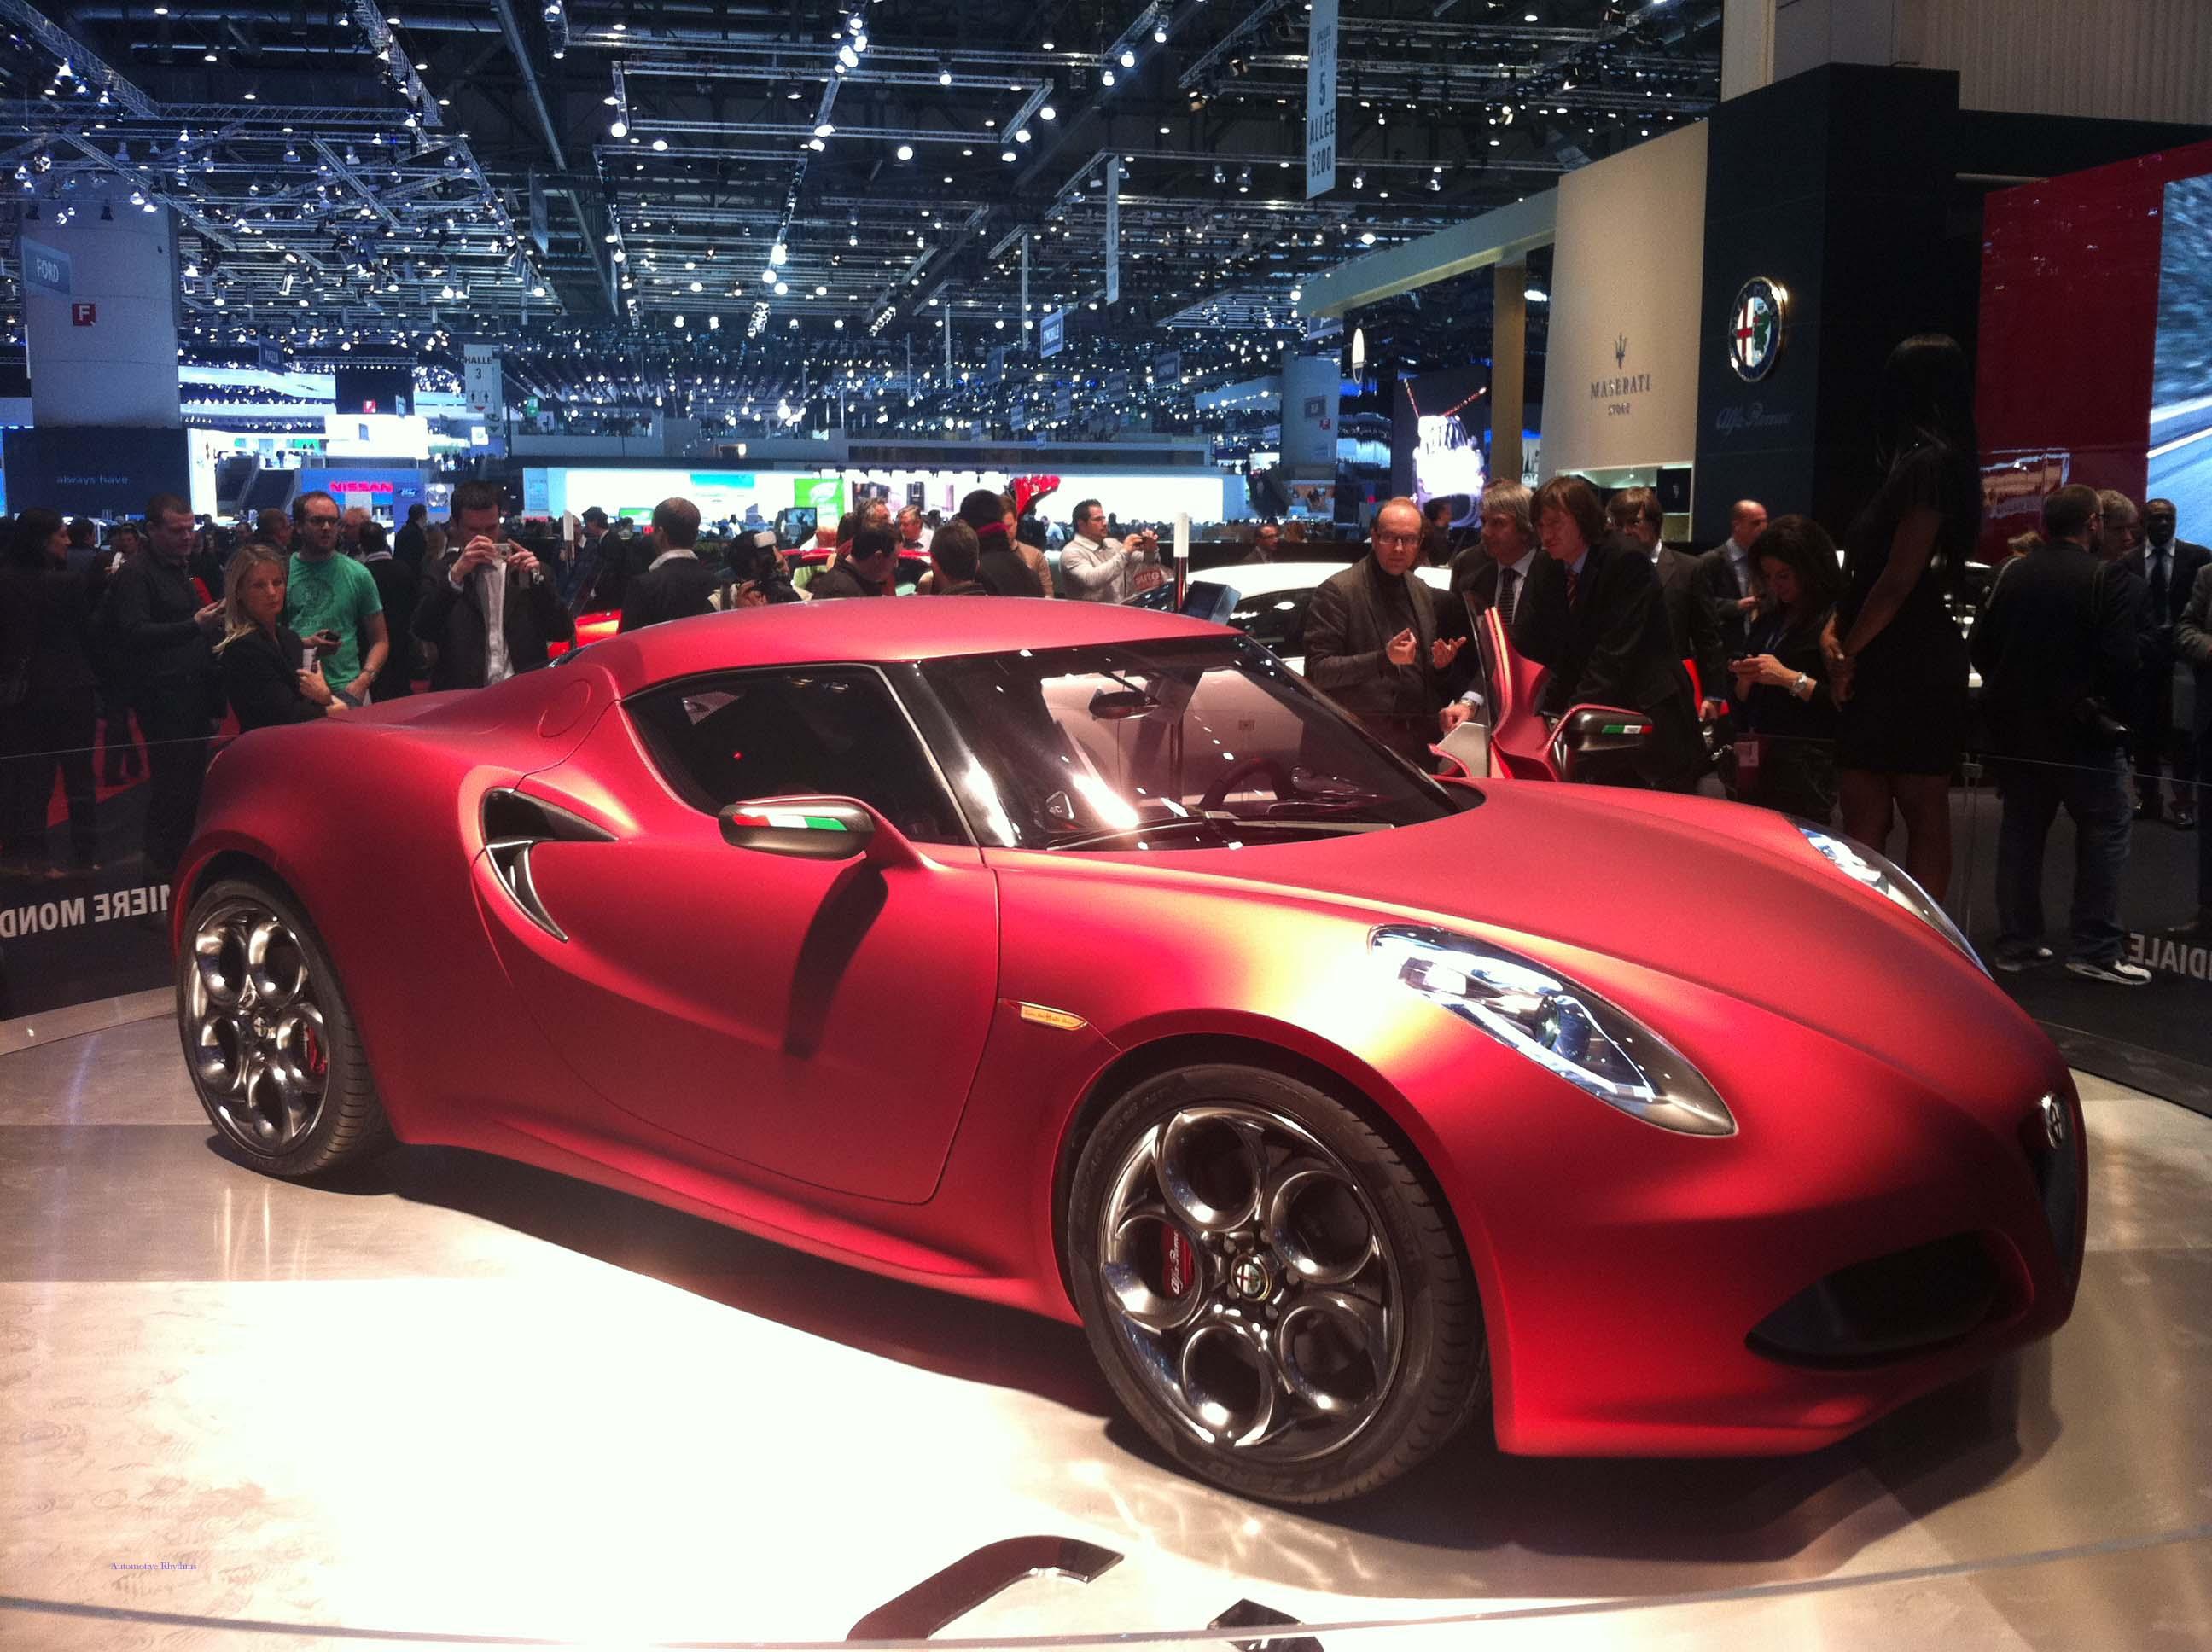 Geneva Motor Show - Alfa Romeo 4C Concept